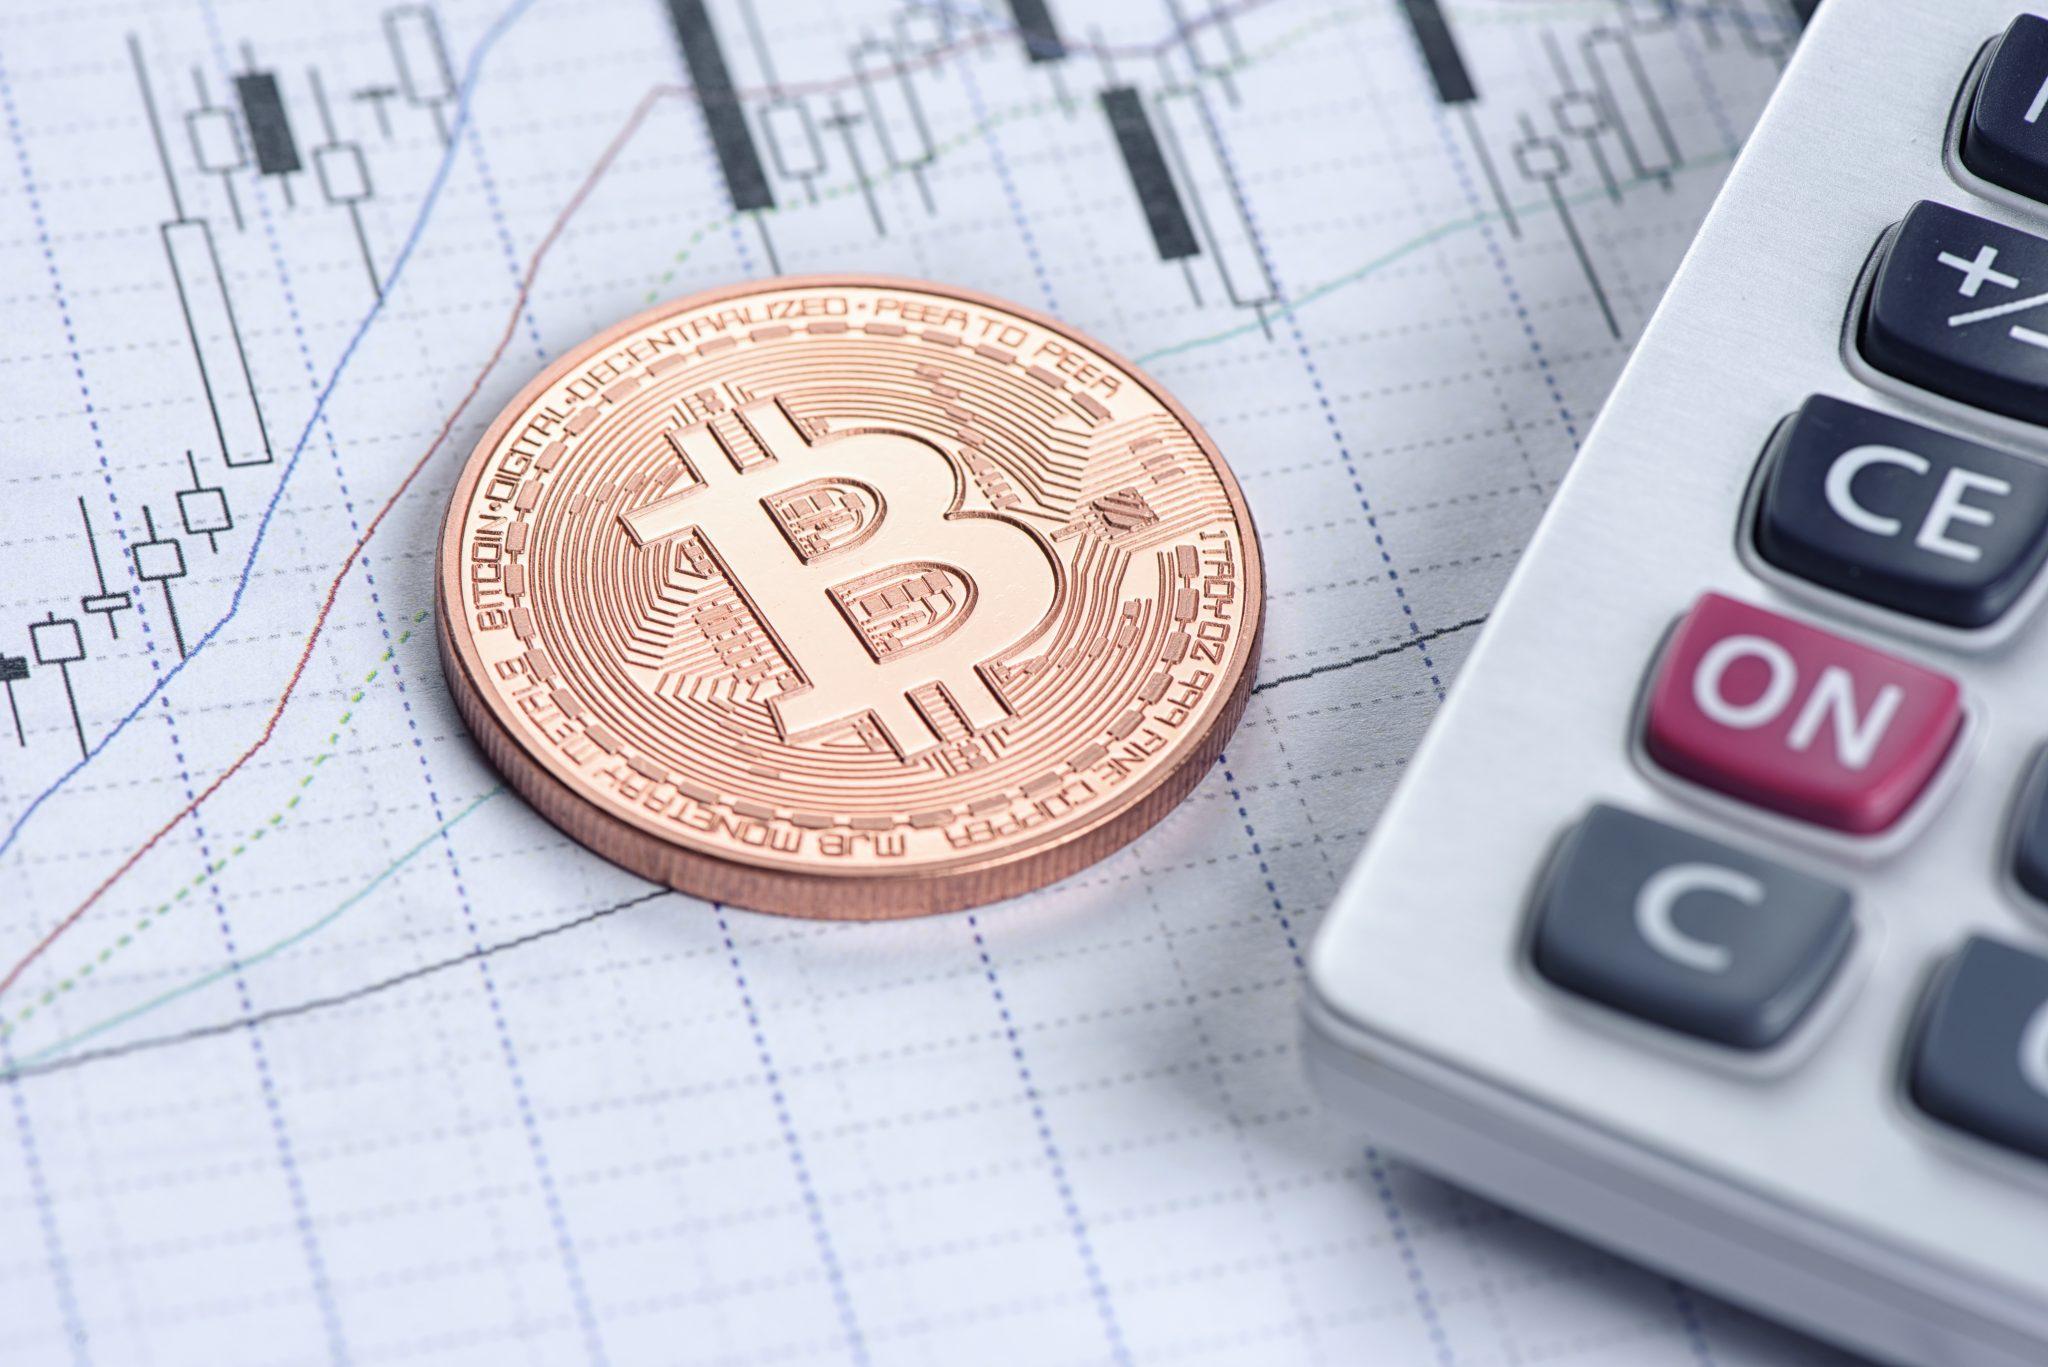 metal coin of Bitcoin